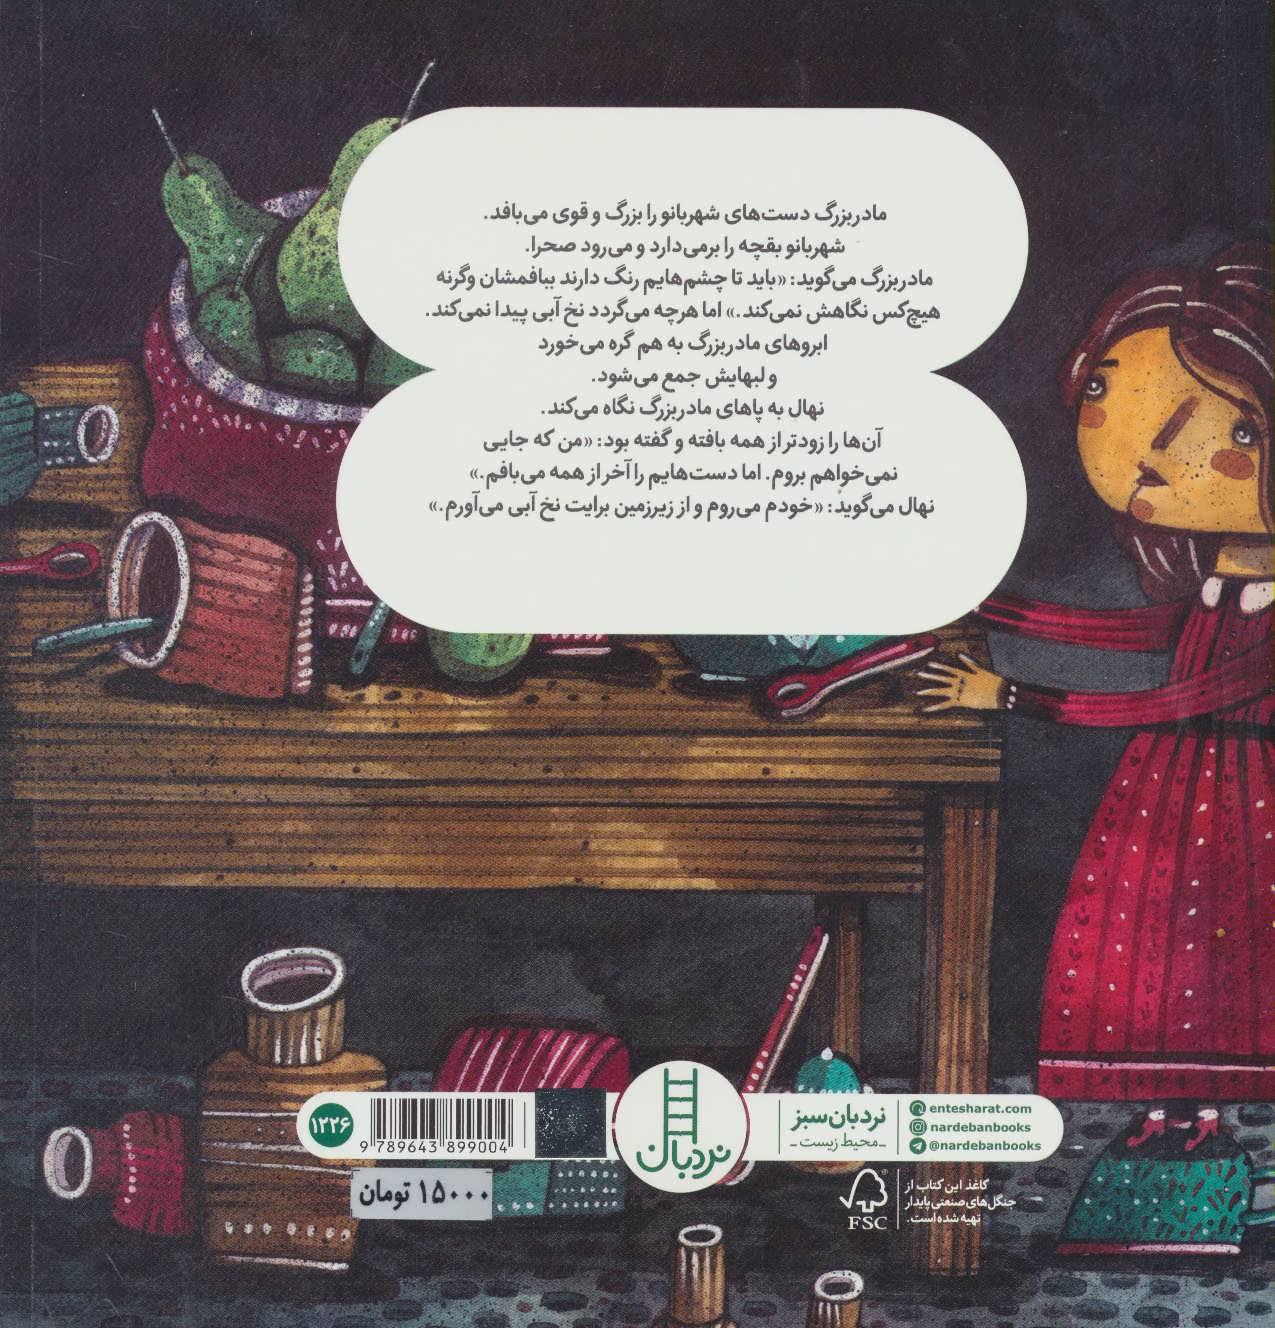 قصه های نهال 1 (قالی هزار و یک شب مادربزرگ)،(گلاسه)